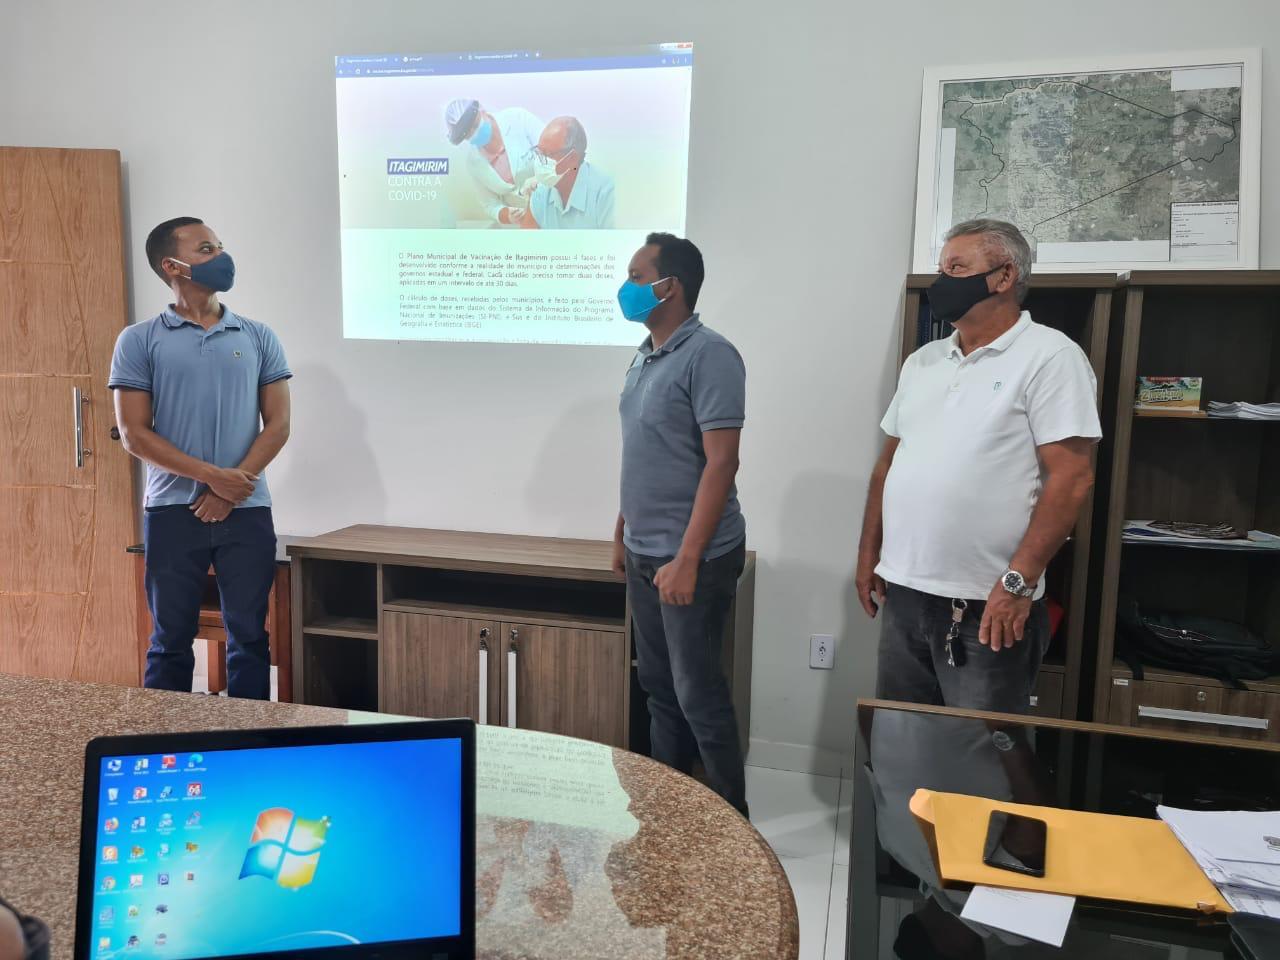 COVID-19: Itagimirim lança plataforma online pioneira no estado 25